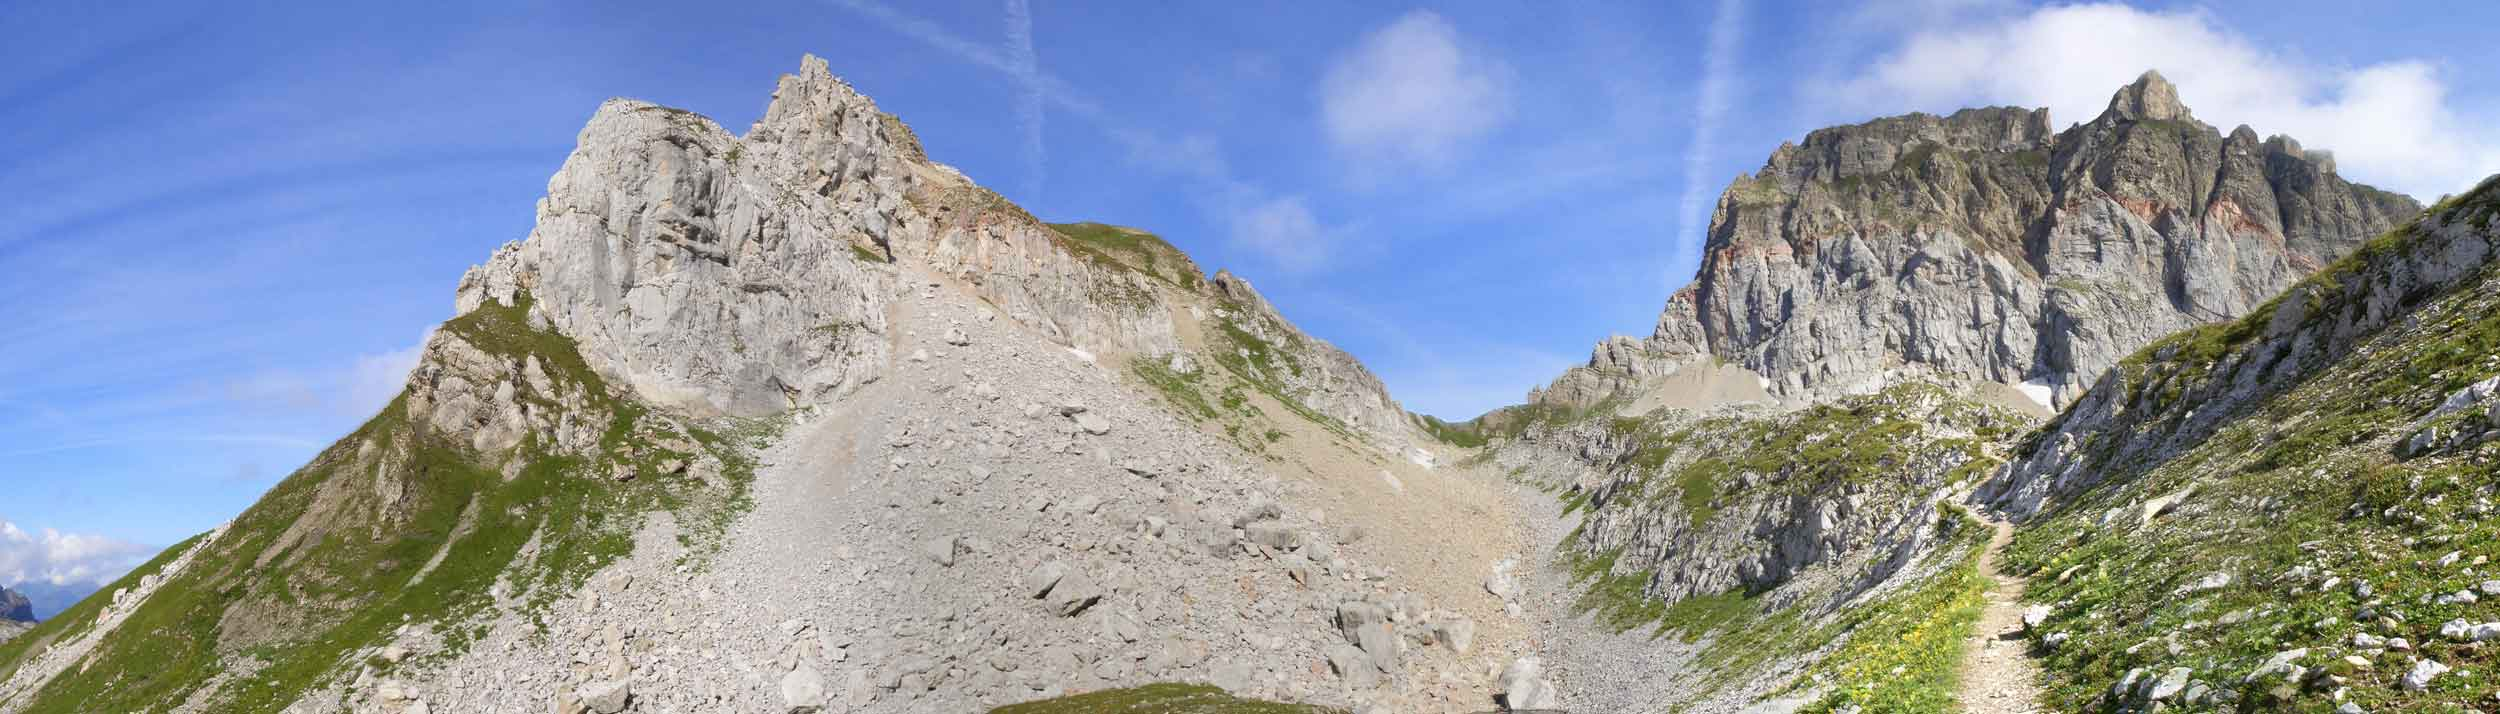 Foto: Datzi / Wander Tour / Rundtour im Gr. Walsertal auf die Rote Wand ( Biwak ) / Blick vom Abstieg zum Formarinesee zum Rothorn und Roten Wand / 06.12.2008 18:50:33